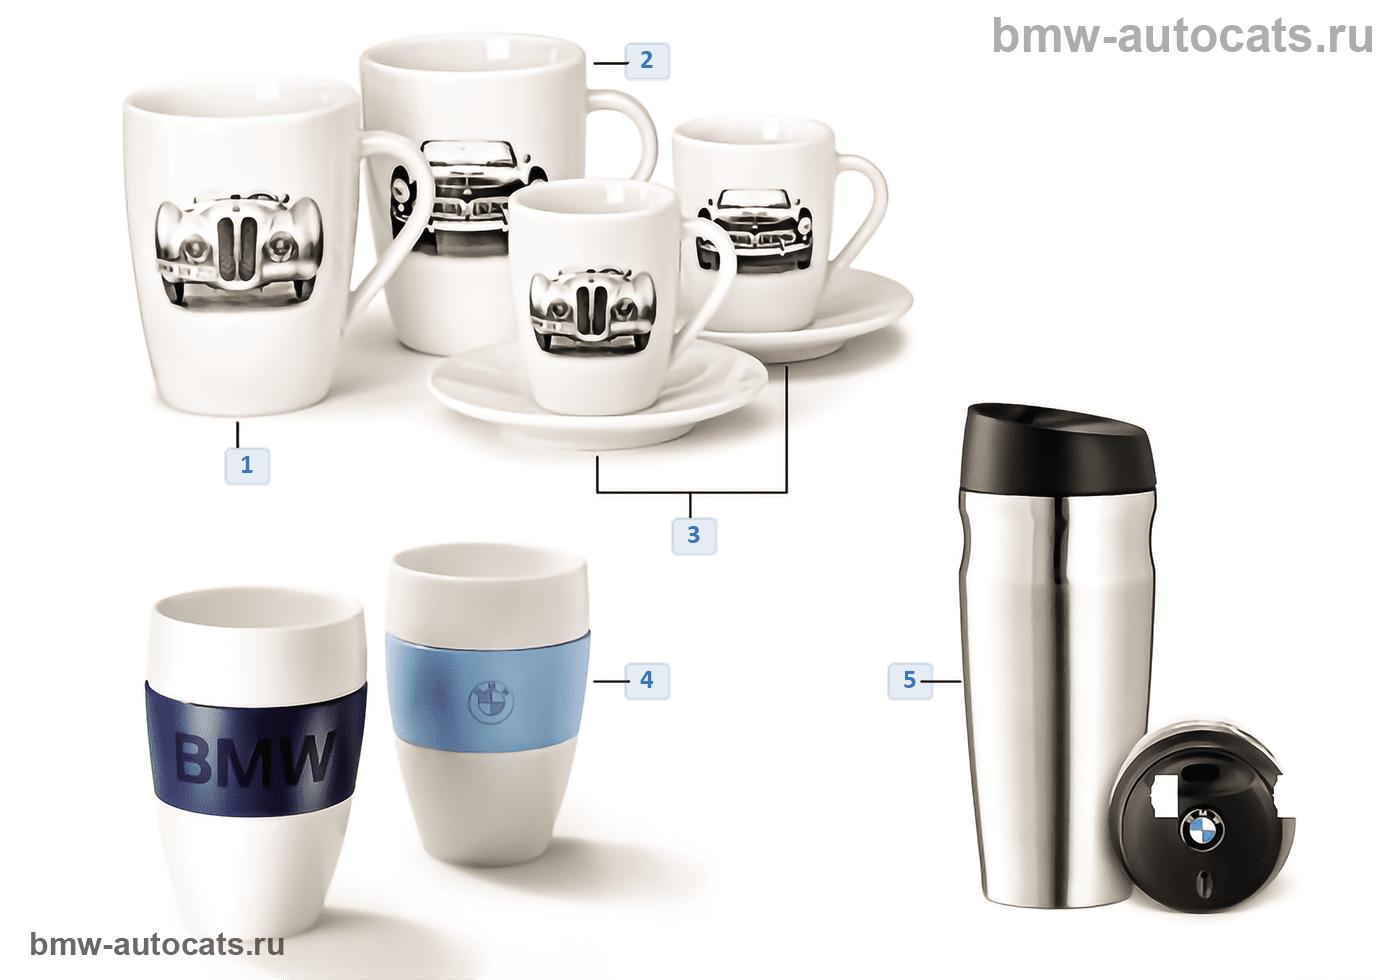 Чашки/бутылки BMW Collection 13/14